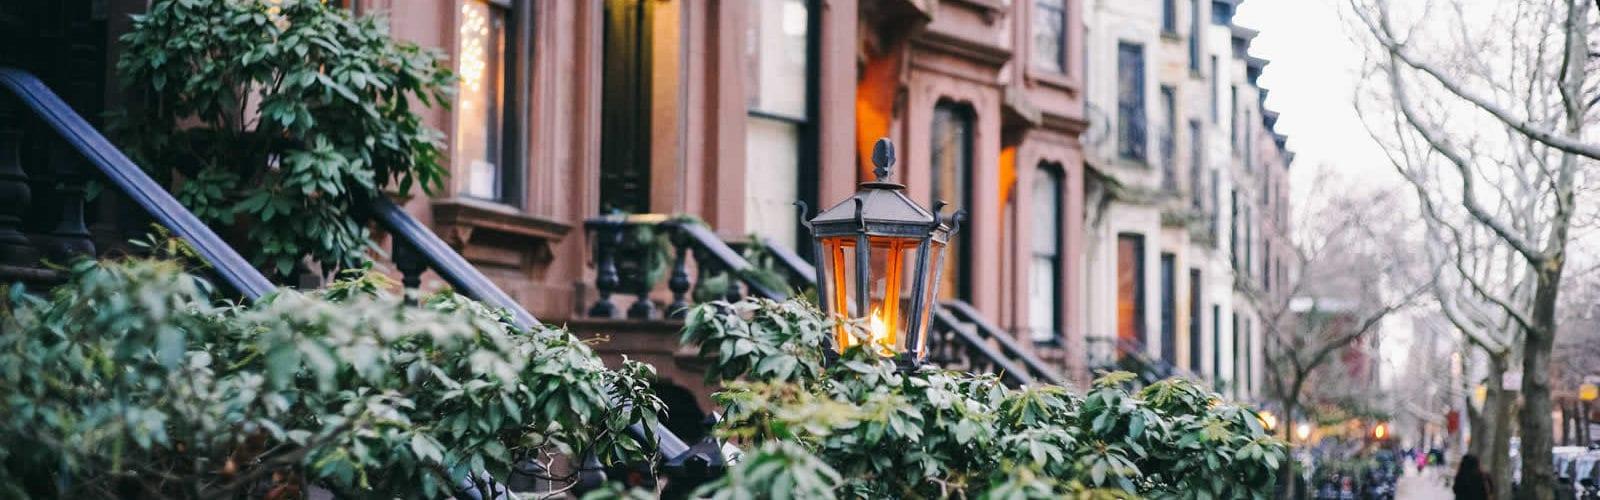 meilleurs-quartiers-investir-vivre-famille-brooklyn-une